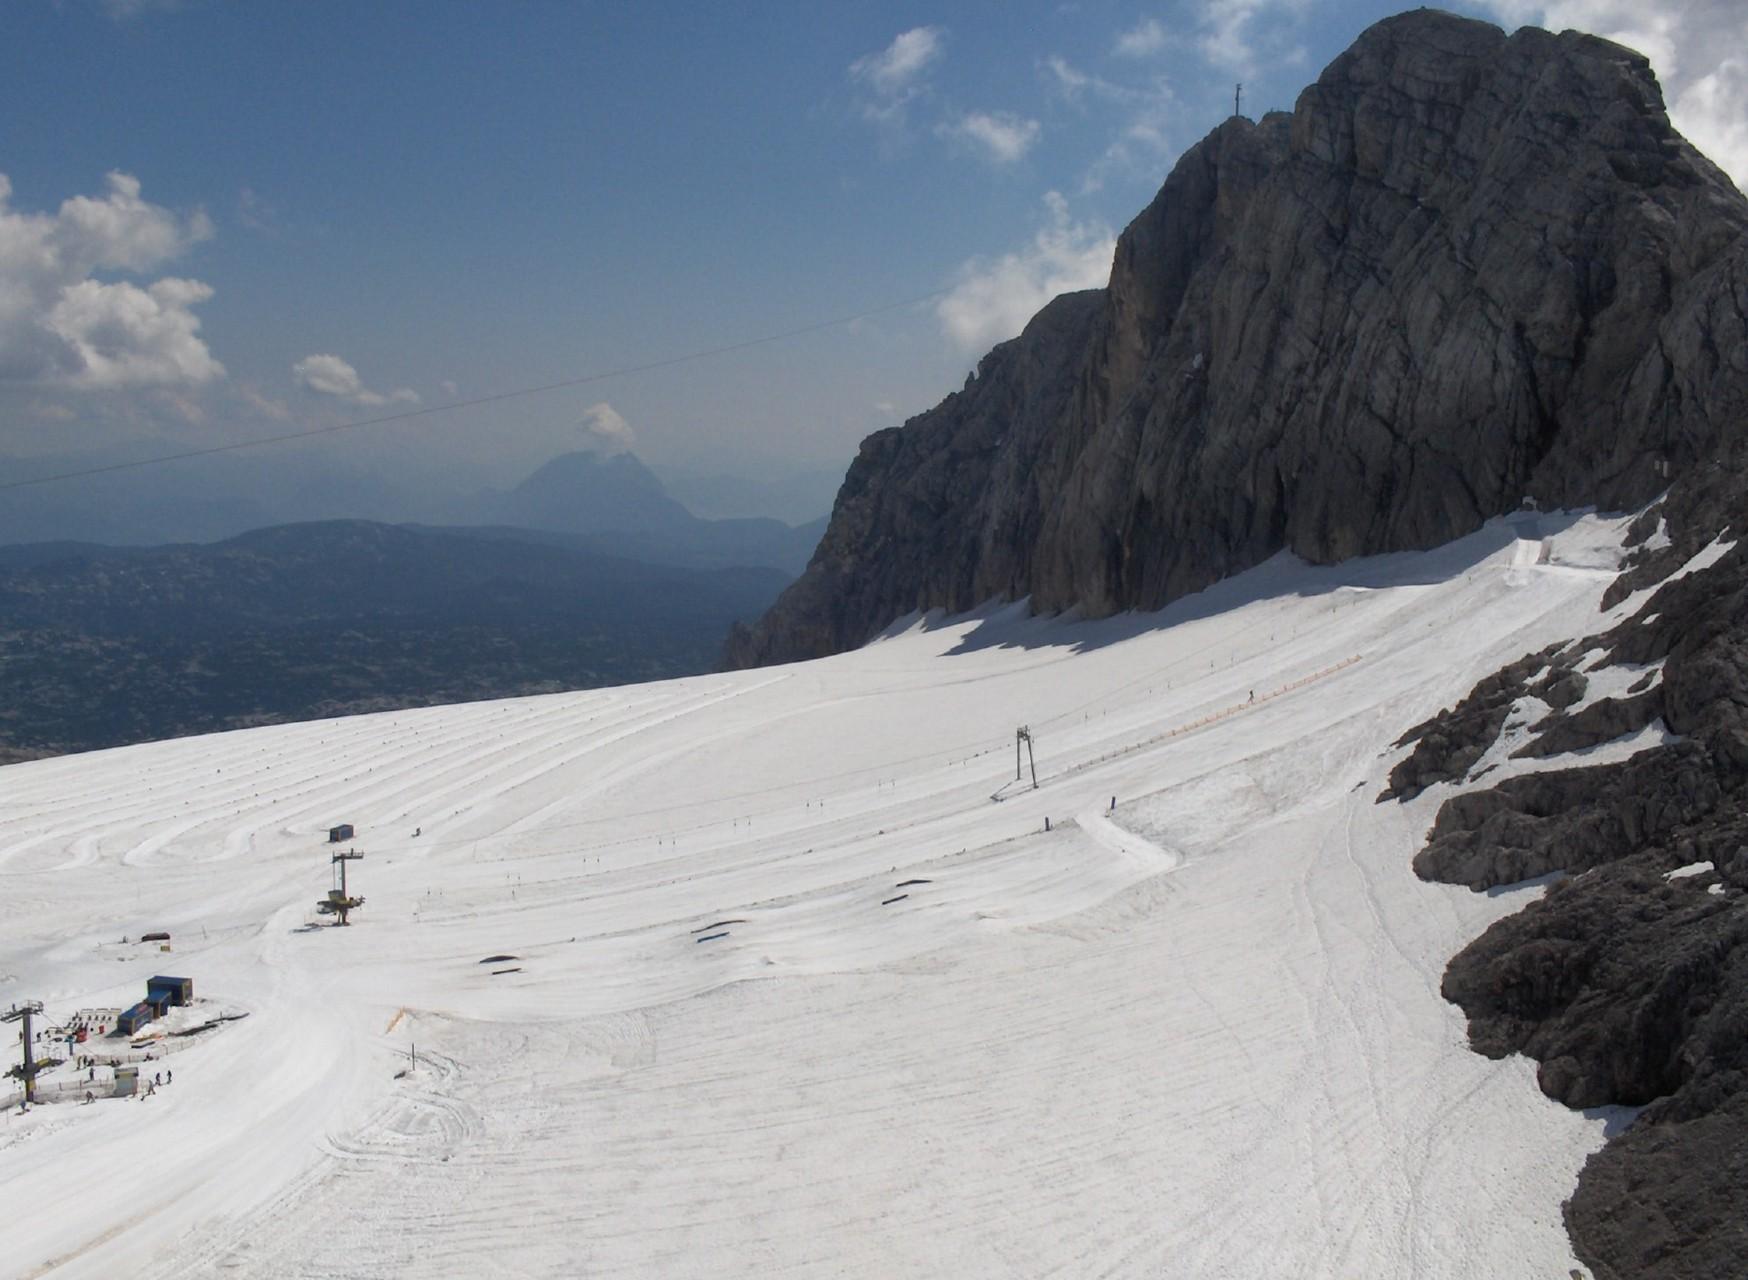 On the Dachstein glacier